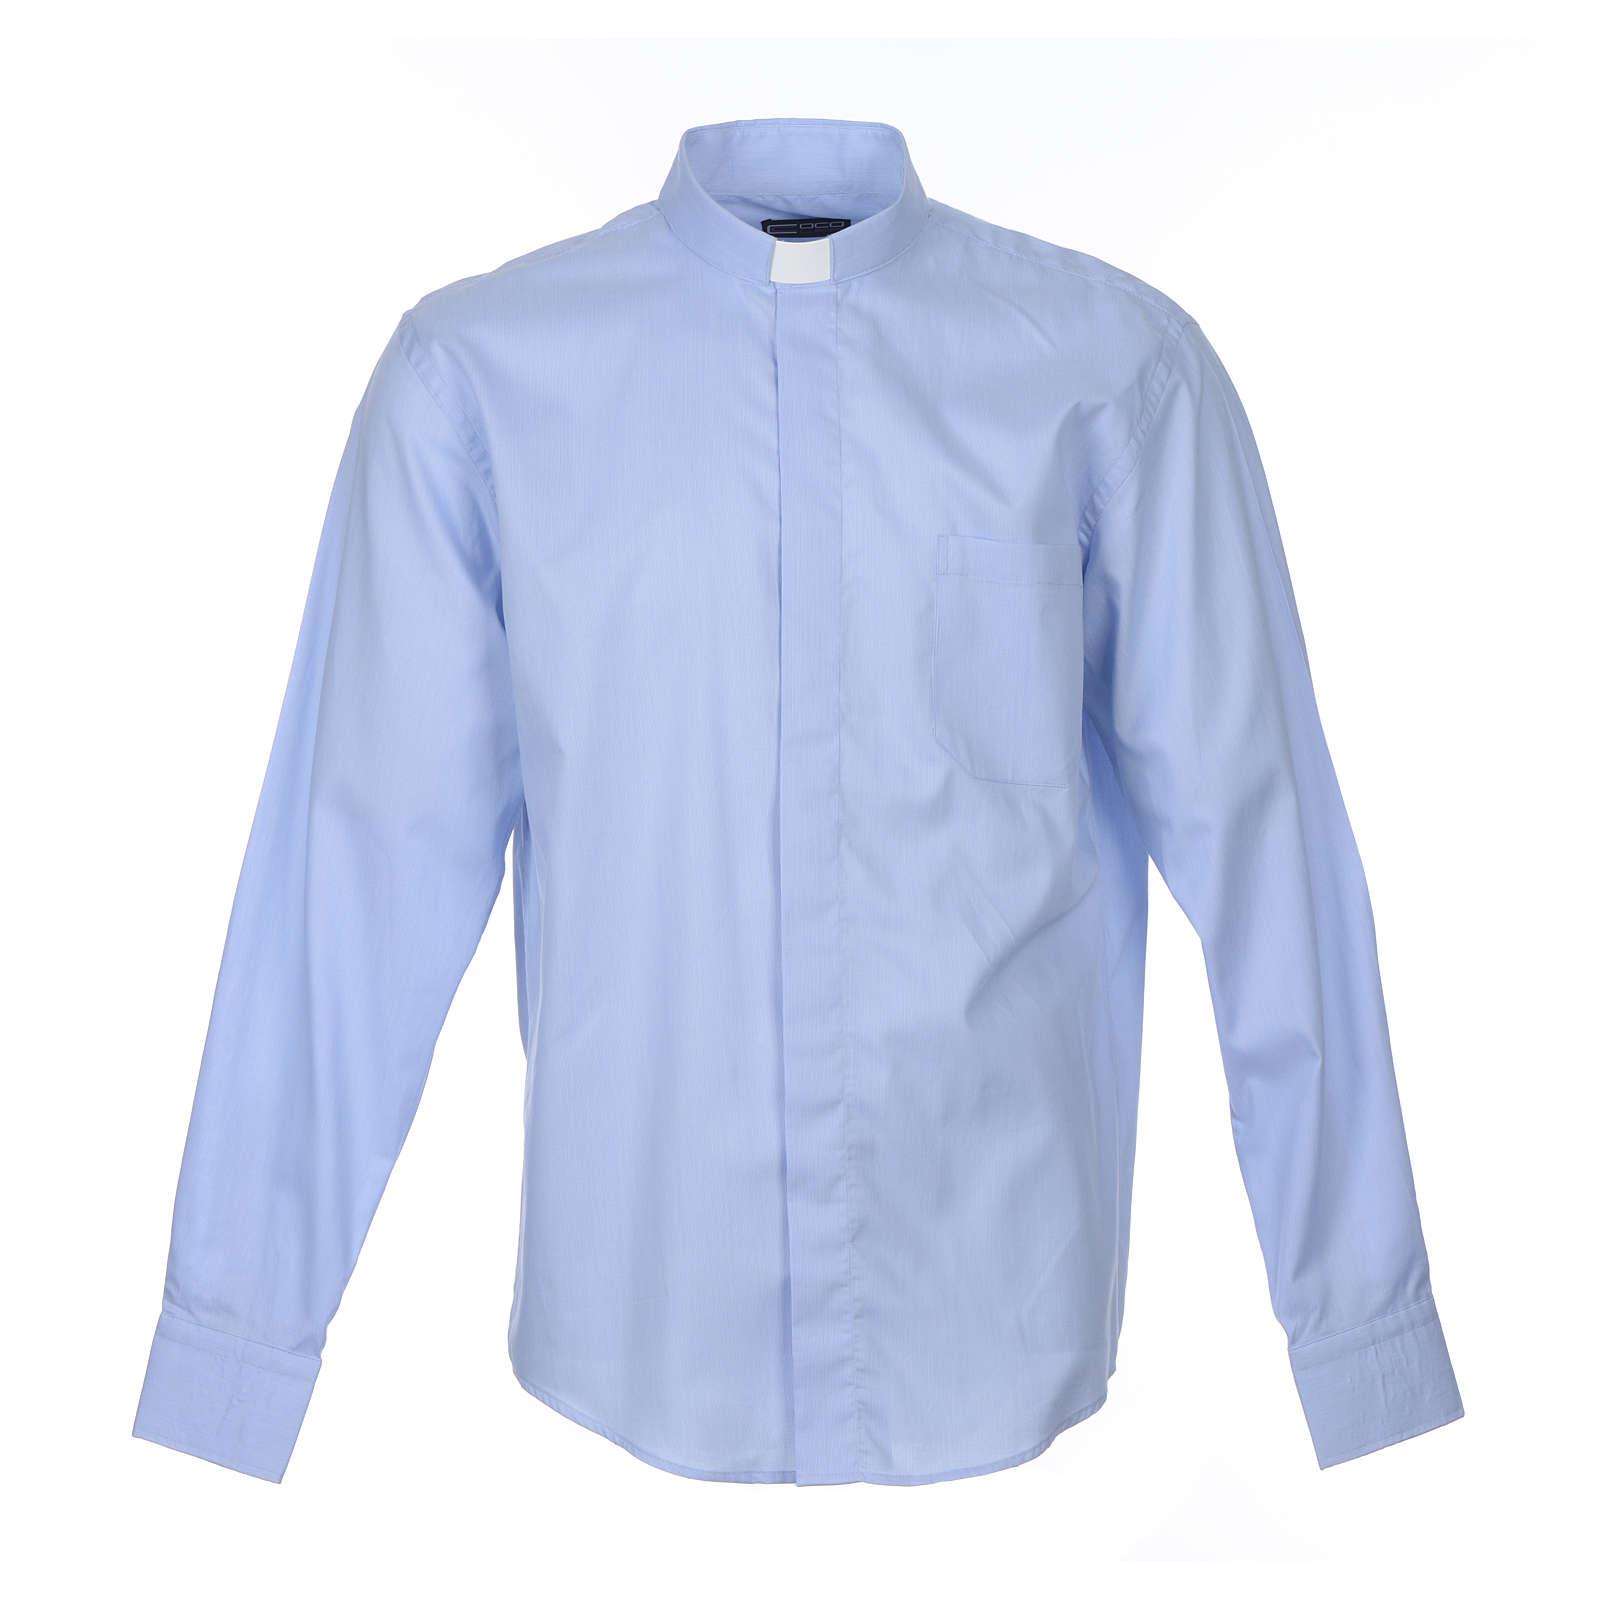 Camisa sacerdote M/L linha Prestige algodão misto azul 4